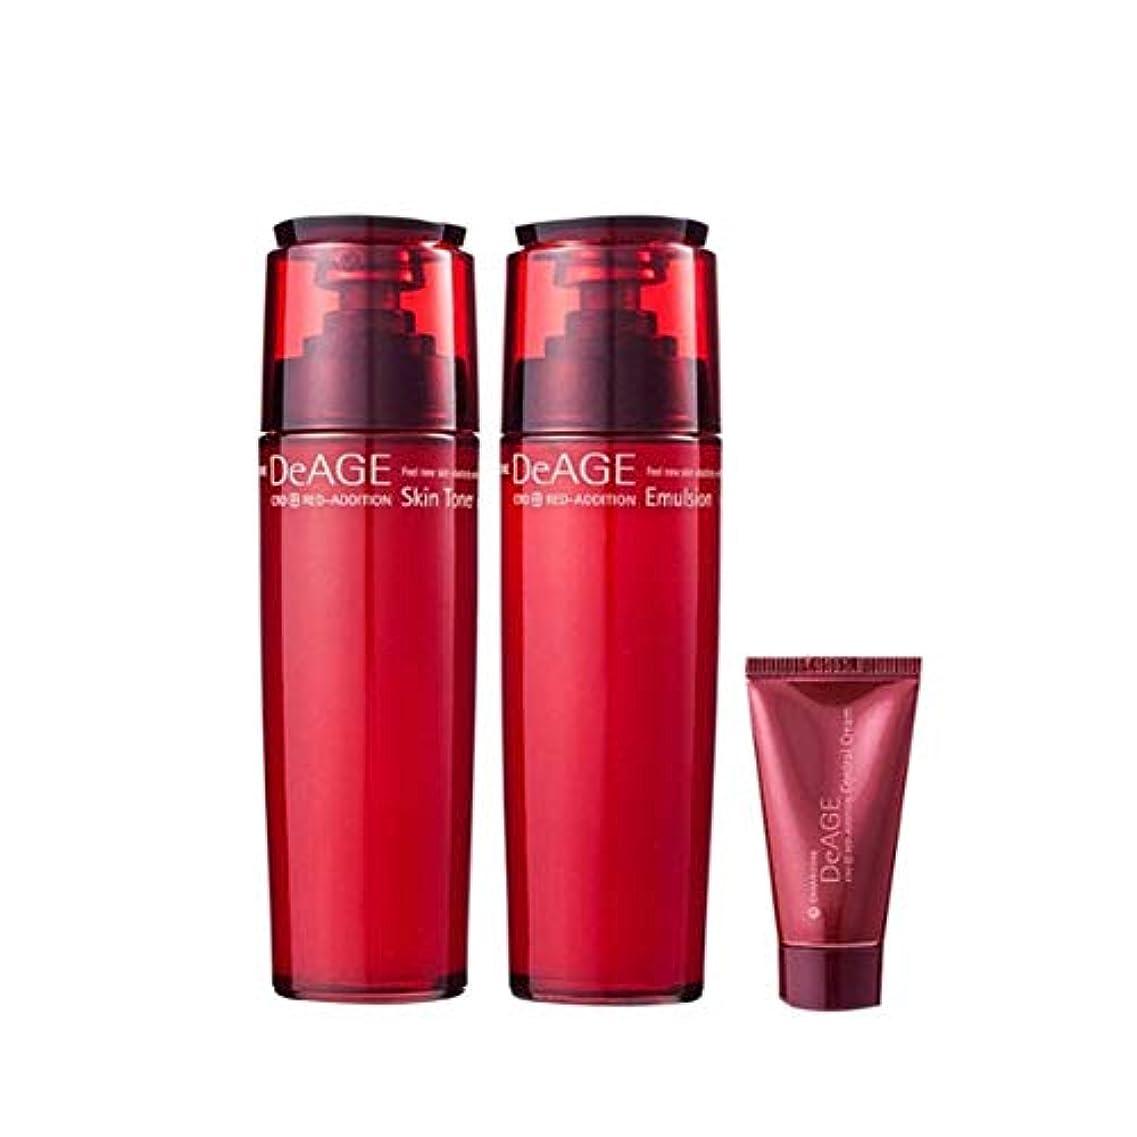 泥棒爆風浸透するチャムジョンディエイジレッドエディションセット(スキントナー130ml、エマルジョン130ml、コントロールクリーム15ml)、Charmzone DeAGE Red Addition Set(Skin Toner 130ml...